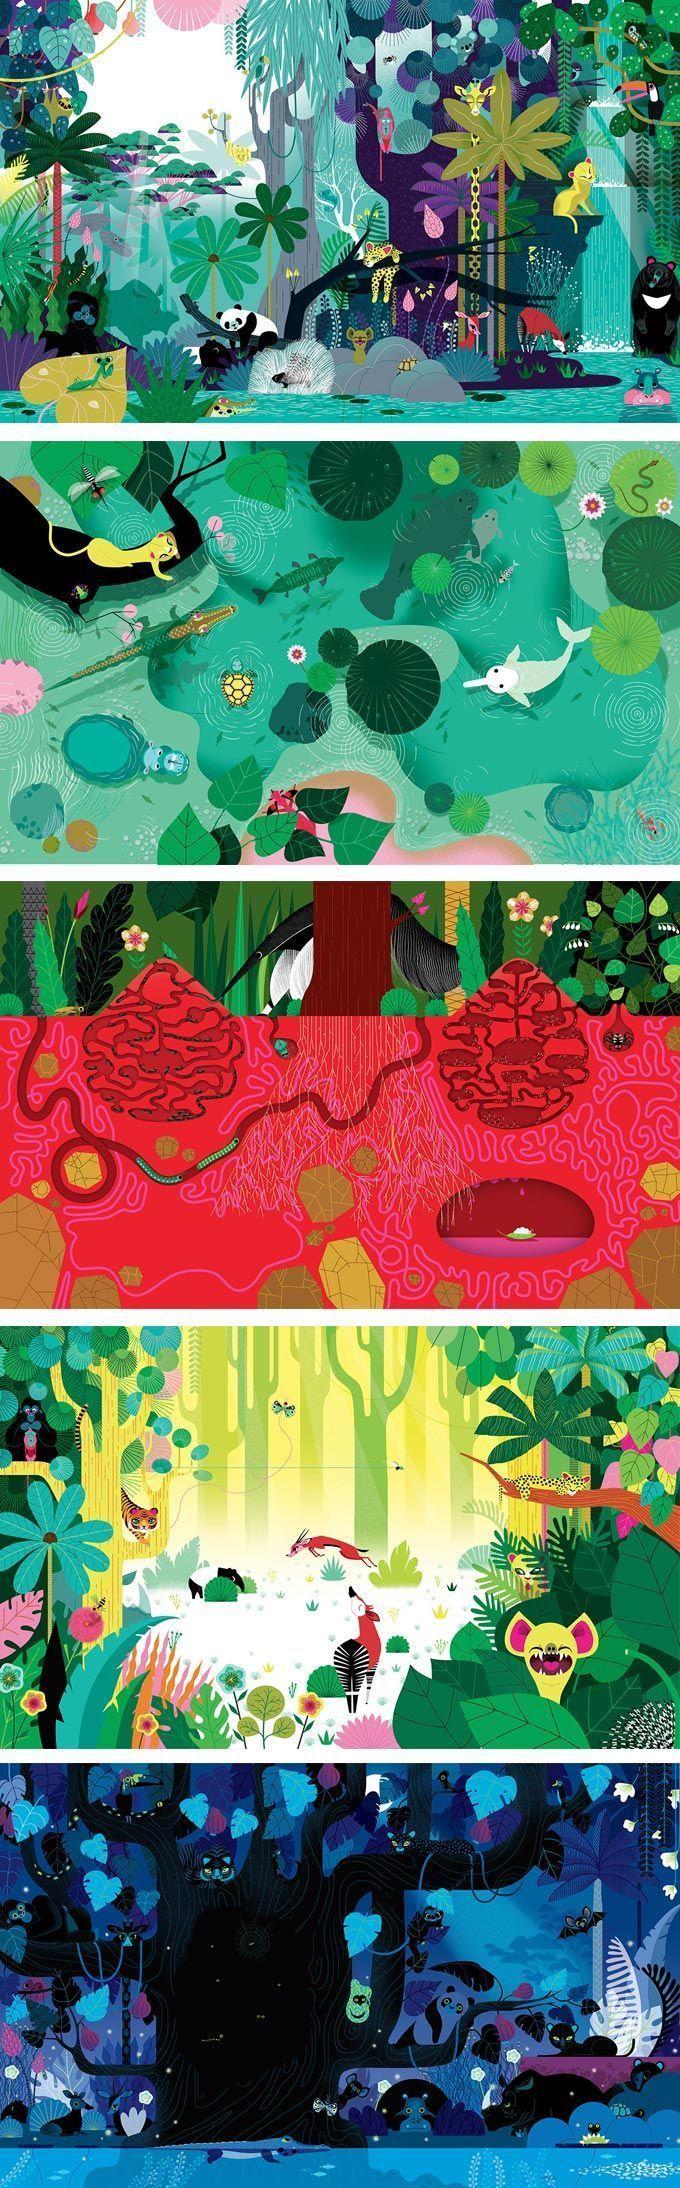 Jungle illustrations #digitalillustration